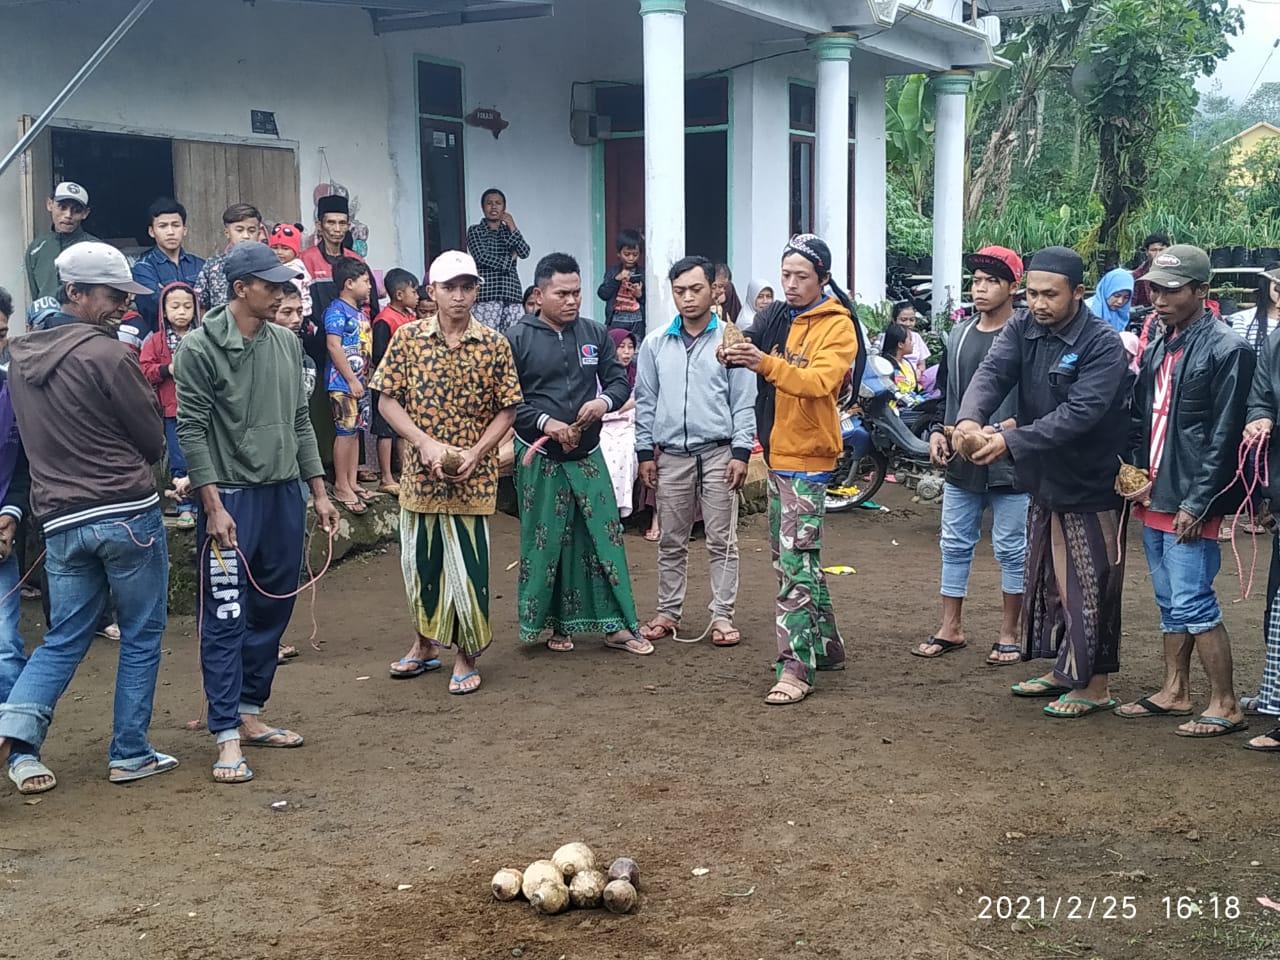 Gasing Kayu, Lestari Di Sombo Ujung Lumajang